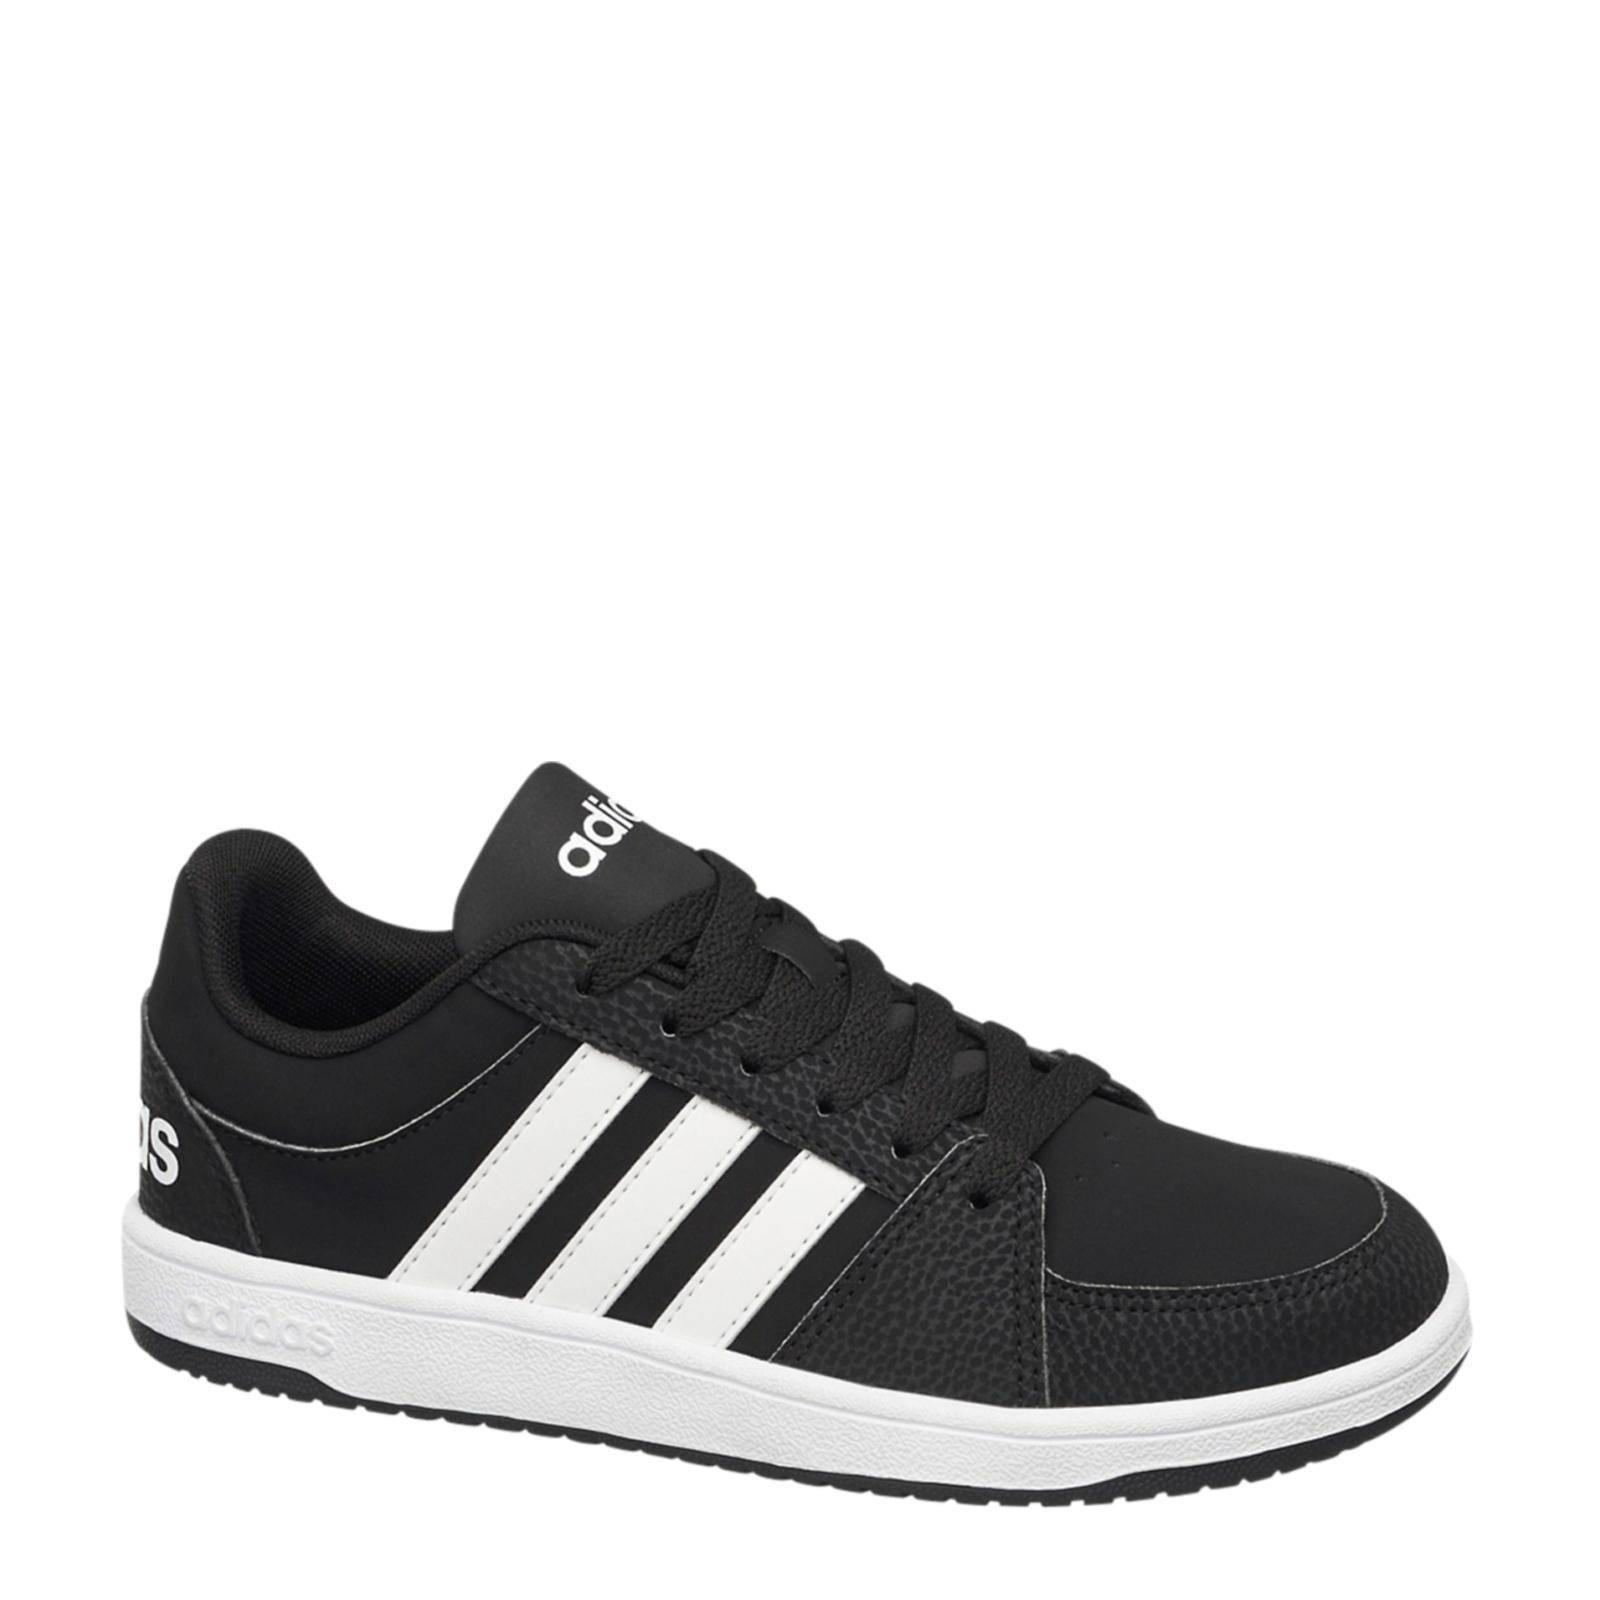 sale retailer f8be8 2d351 ... canada vanharen adidas neo hoops vs k sneakers wehkamp 85c08 d53e7